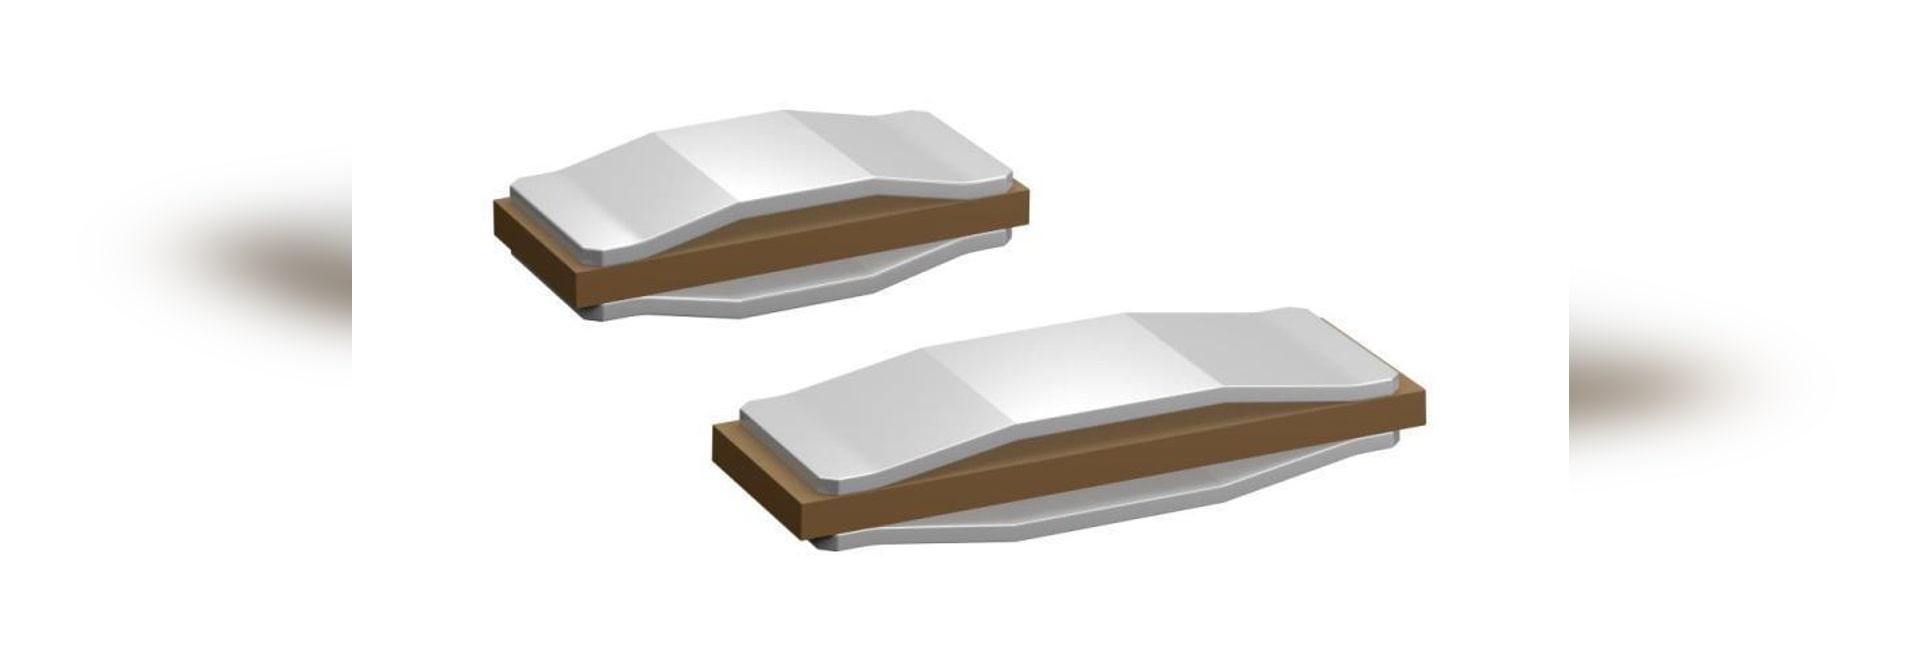 TDK amplía la cartera de actuadores de retroalimentación háptica Mini PowerHap